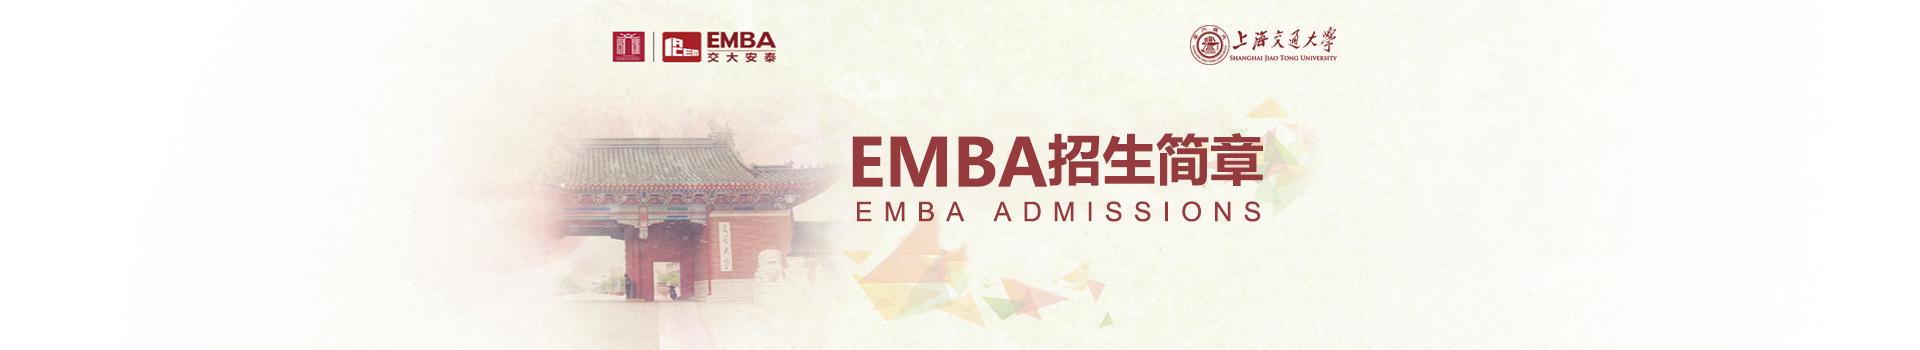 上海交通大学安泰经济与管理学院高级工商管理硕士EMBA招生简章